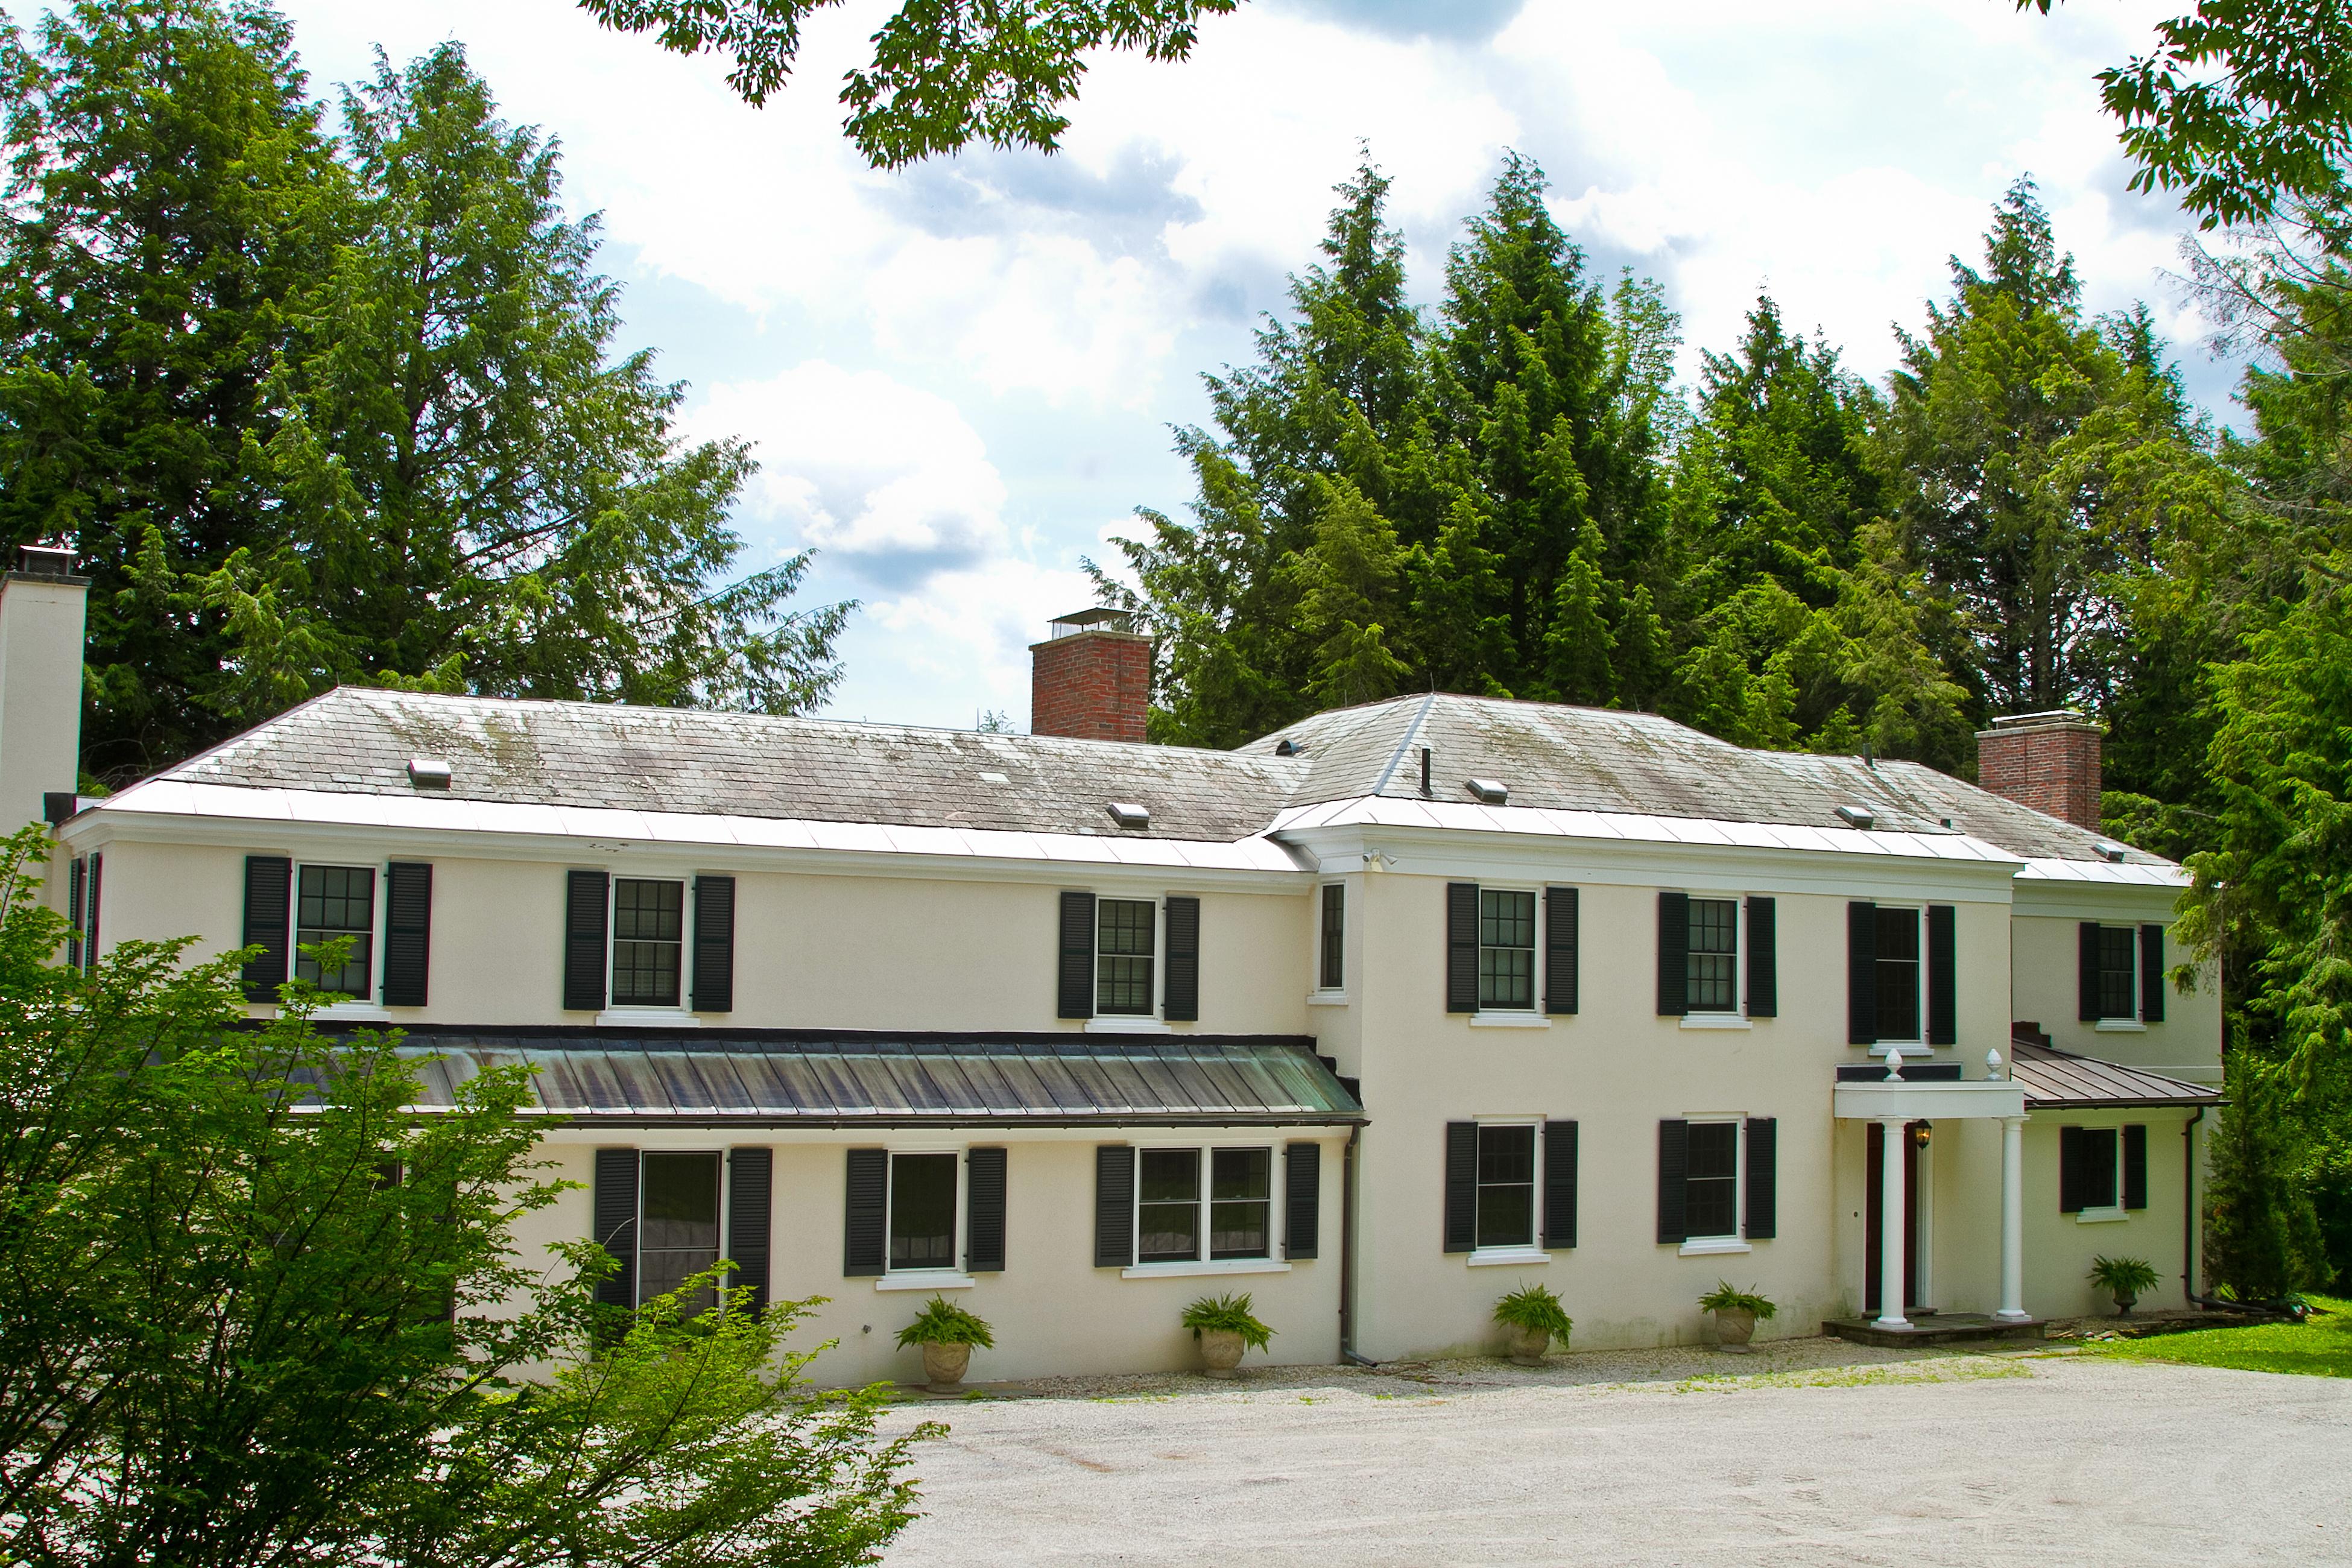 Maison unifamiliale pour l Vente à Gracious Estate, updated with European flair, Manor House on 29 acres abutting c 190 Torrey Woods Rd Williamstown, Massachusetts 01267 États-Unis